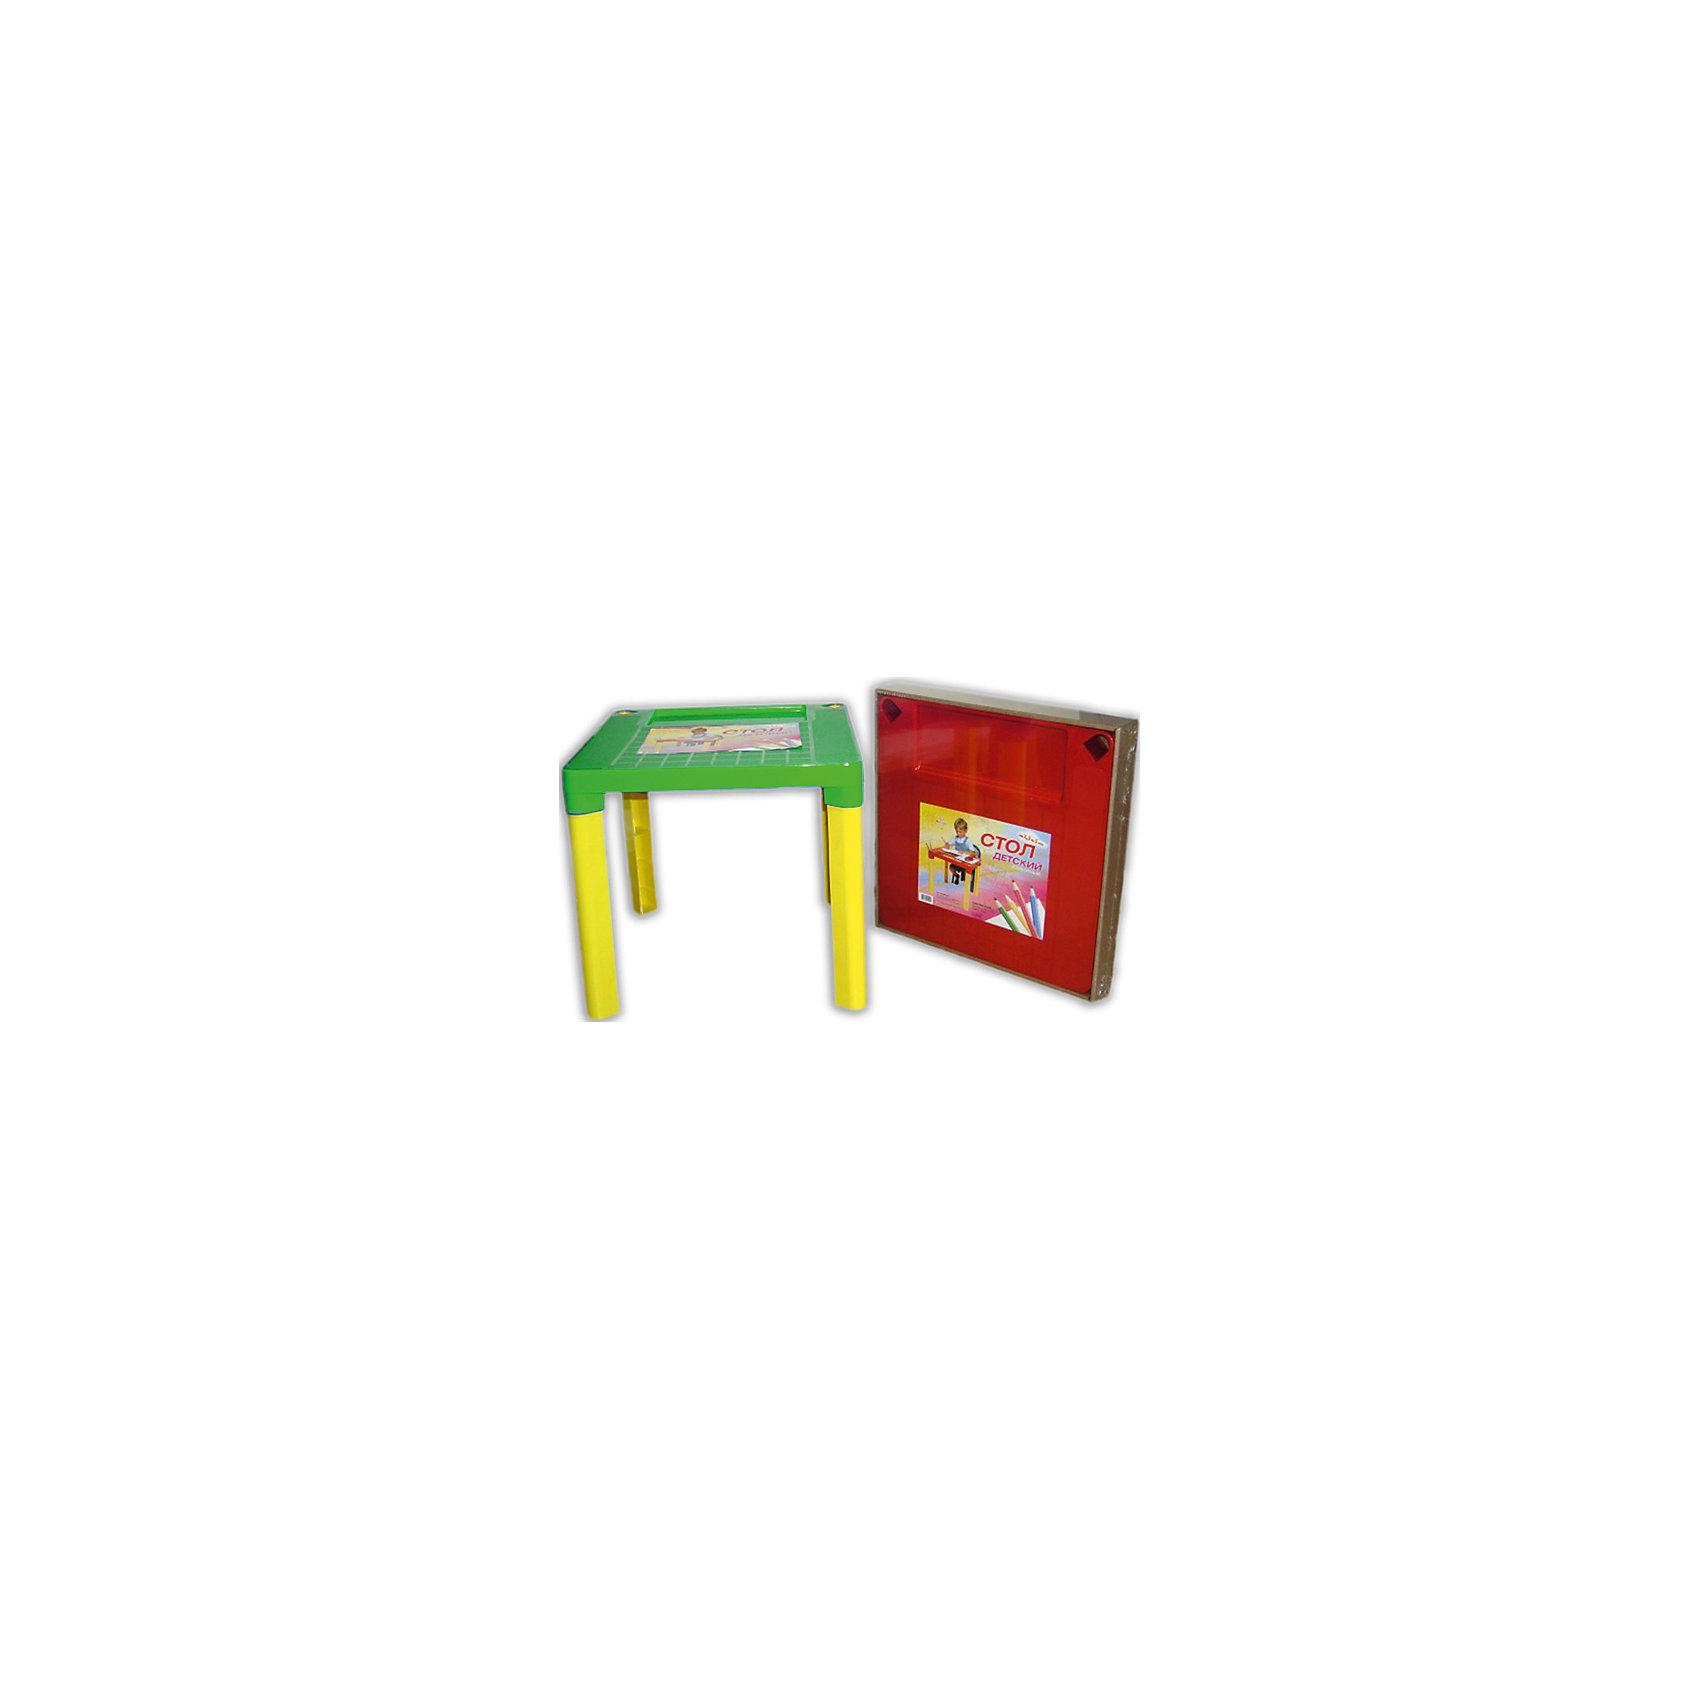 Зелено-желтый стол МалышСтол - незаменимая вещь в детской! Малышам понравится иметь свое собственное место для игр, чаепитий с игрушками и друзьями, занятий и даже обеда. Благодаря специальным выемкам, на столе можно расположить карандаши, фломастеры, кисточки и другие мелкие предметы - они не будут мешаться и скатываться. Столик выполнен из высококачественного прочного пластика, легко моется или протирается влажной губкой. Яркий пластиковый стол с изображениями любимых героев прекрасно впишется в интерьер комнаты и обязательно понравится любому ребенку! <br><br>Дополнительная информация:<br><br>- Материал: пластик.<br>- Высота стола: 47 см.<br>- Размер столешницы: 51х51 см.<br>- Удобные выемки для мелких предметов. <br><br>Детский стол Малыш, зелено-желтый, можно купить в нашем магазине.<br><br>Ширина мм: 510<br>Глубина мм: 510<br>Высота мм: 475<br>Вес г: 1000<br>Возраст от месяцев: 36<br>Возраст до месяцев: 108<br>Пол: Унисекс<br>Возраст: Детский<br>SKU: 4718422